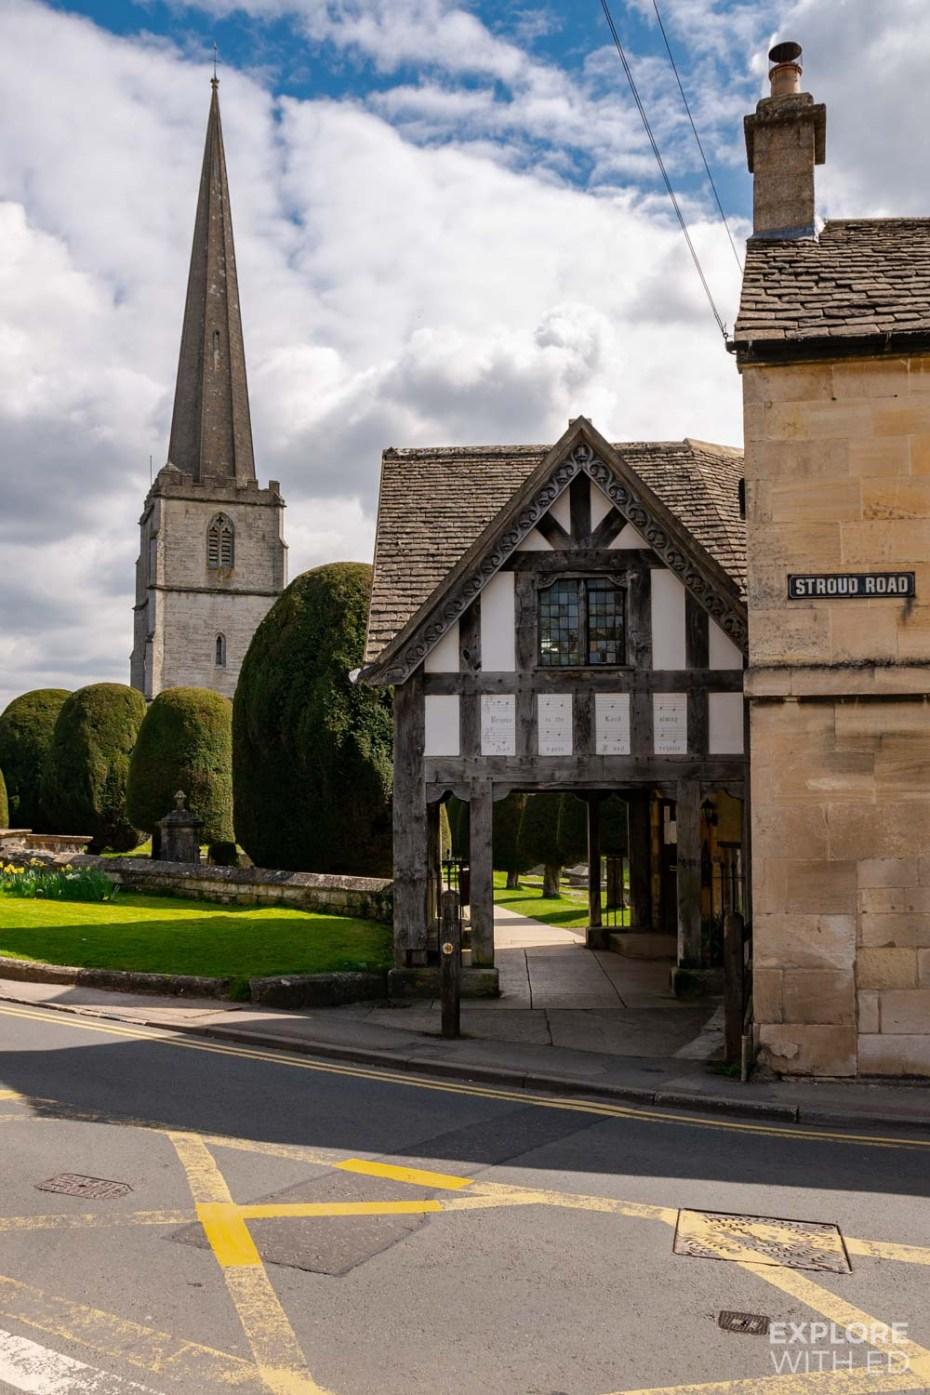 Painswick Church